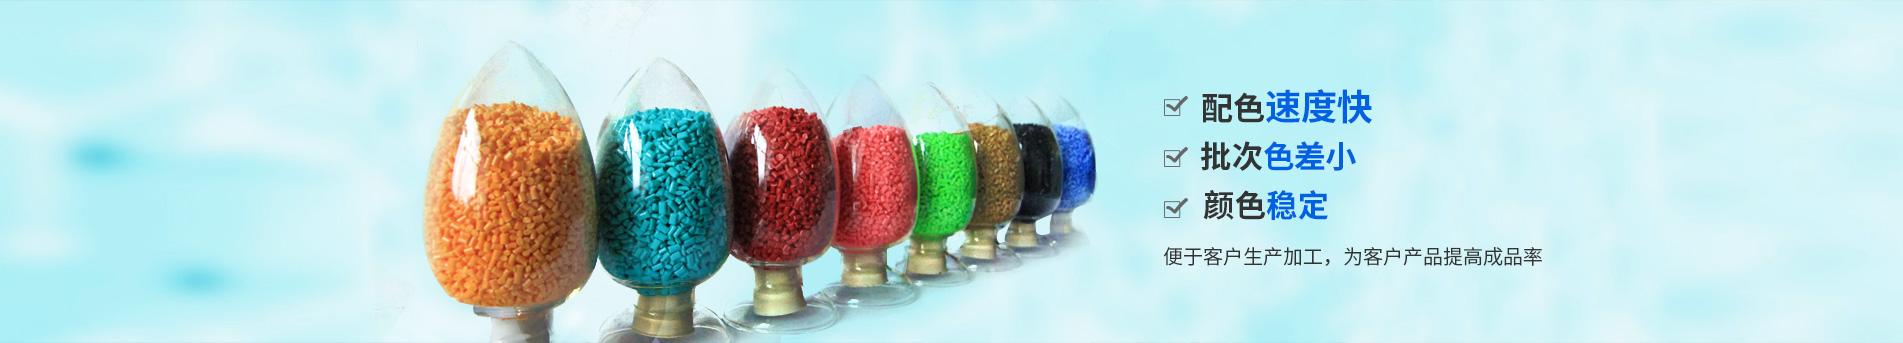 染色塑料颗粒